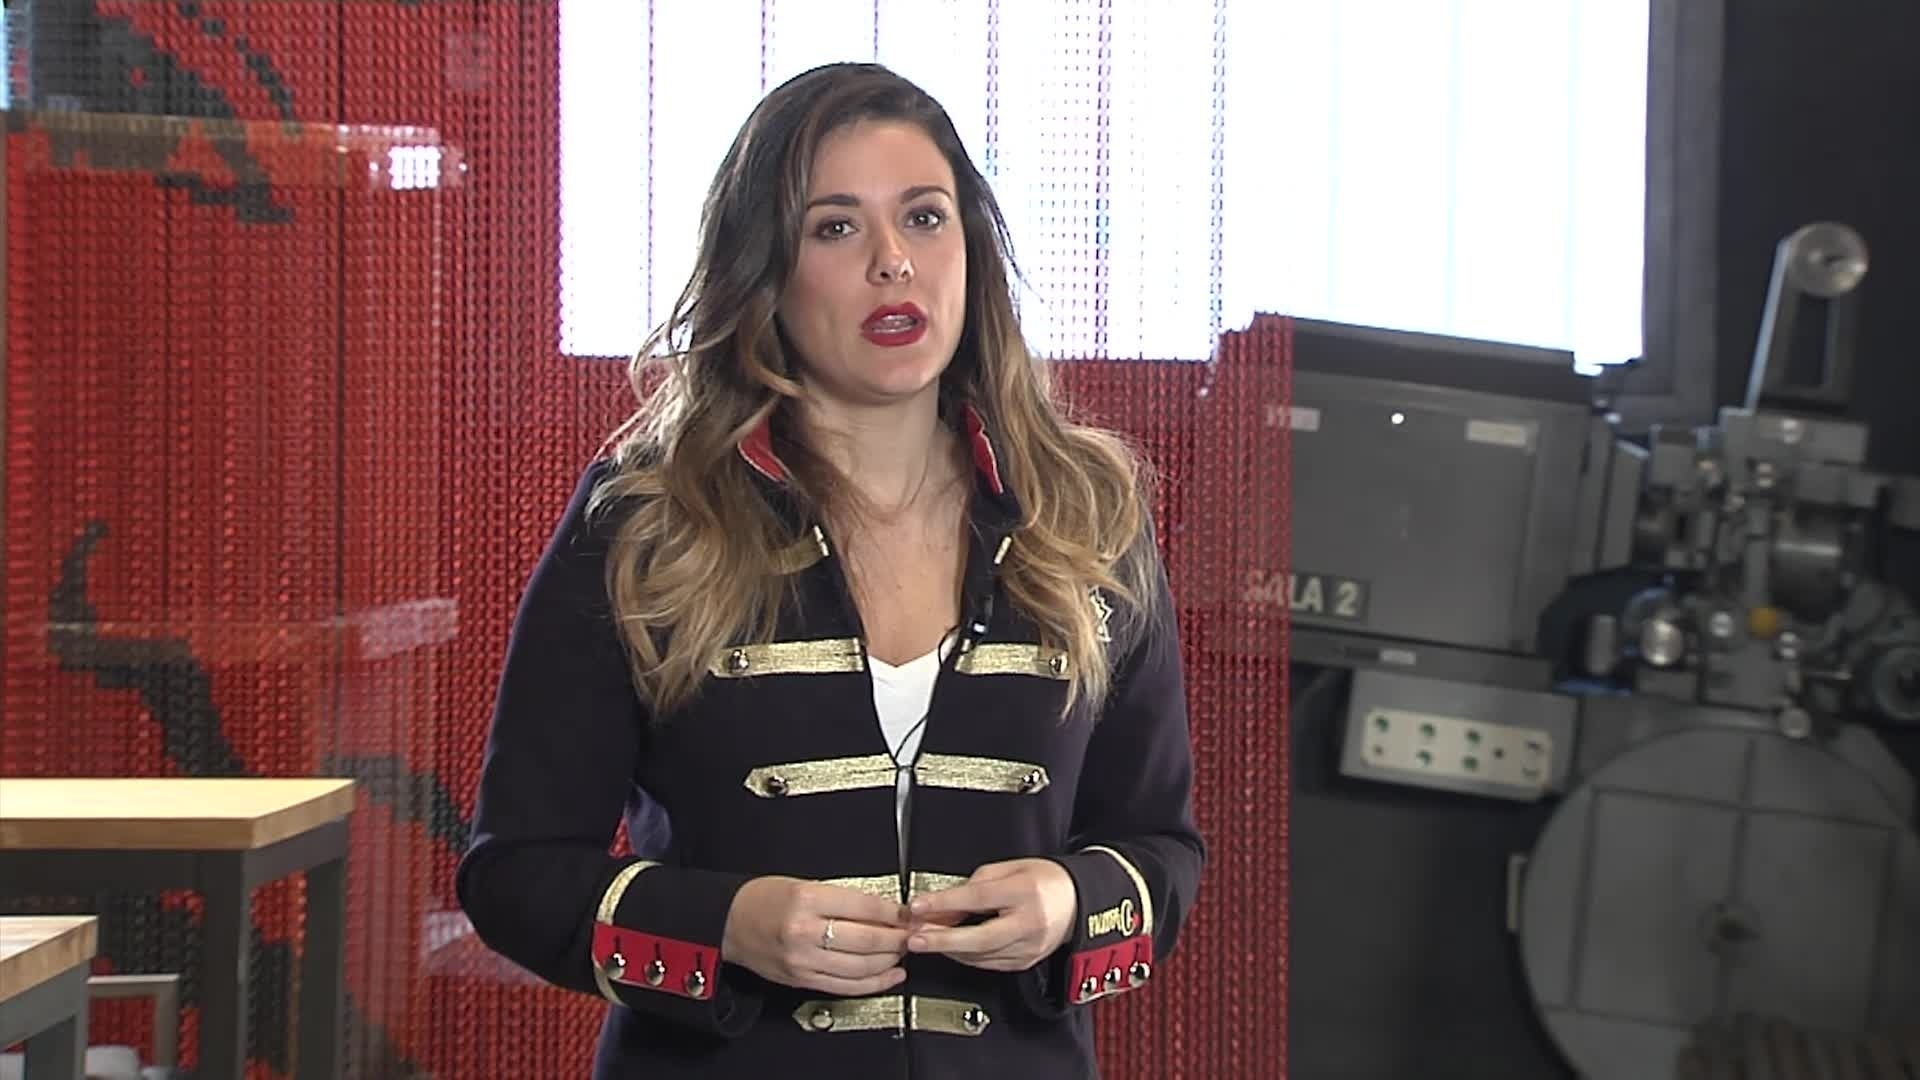 Un Dos chef T4 - Consejos Saludables 13 - Lorena Gómez